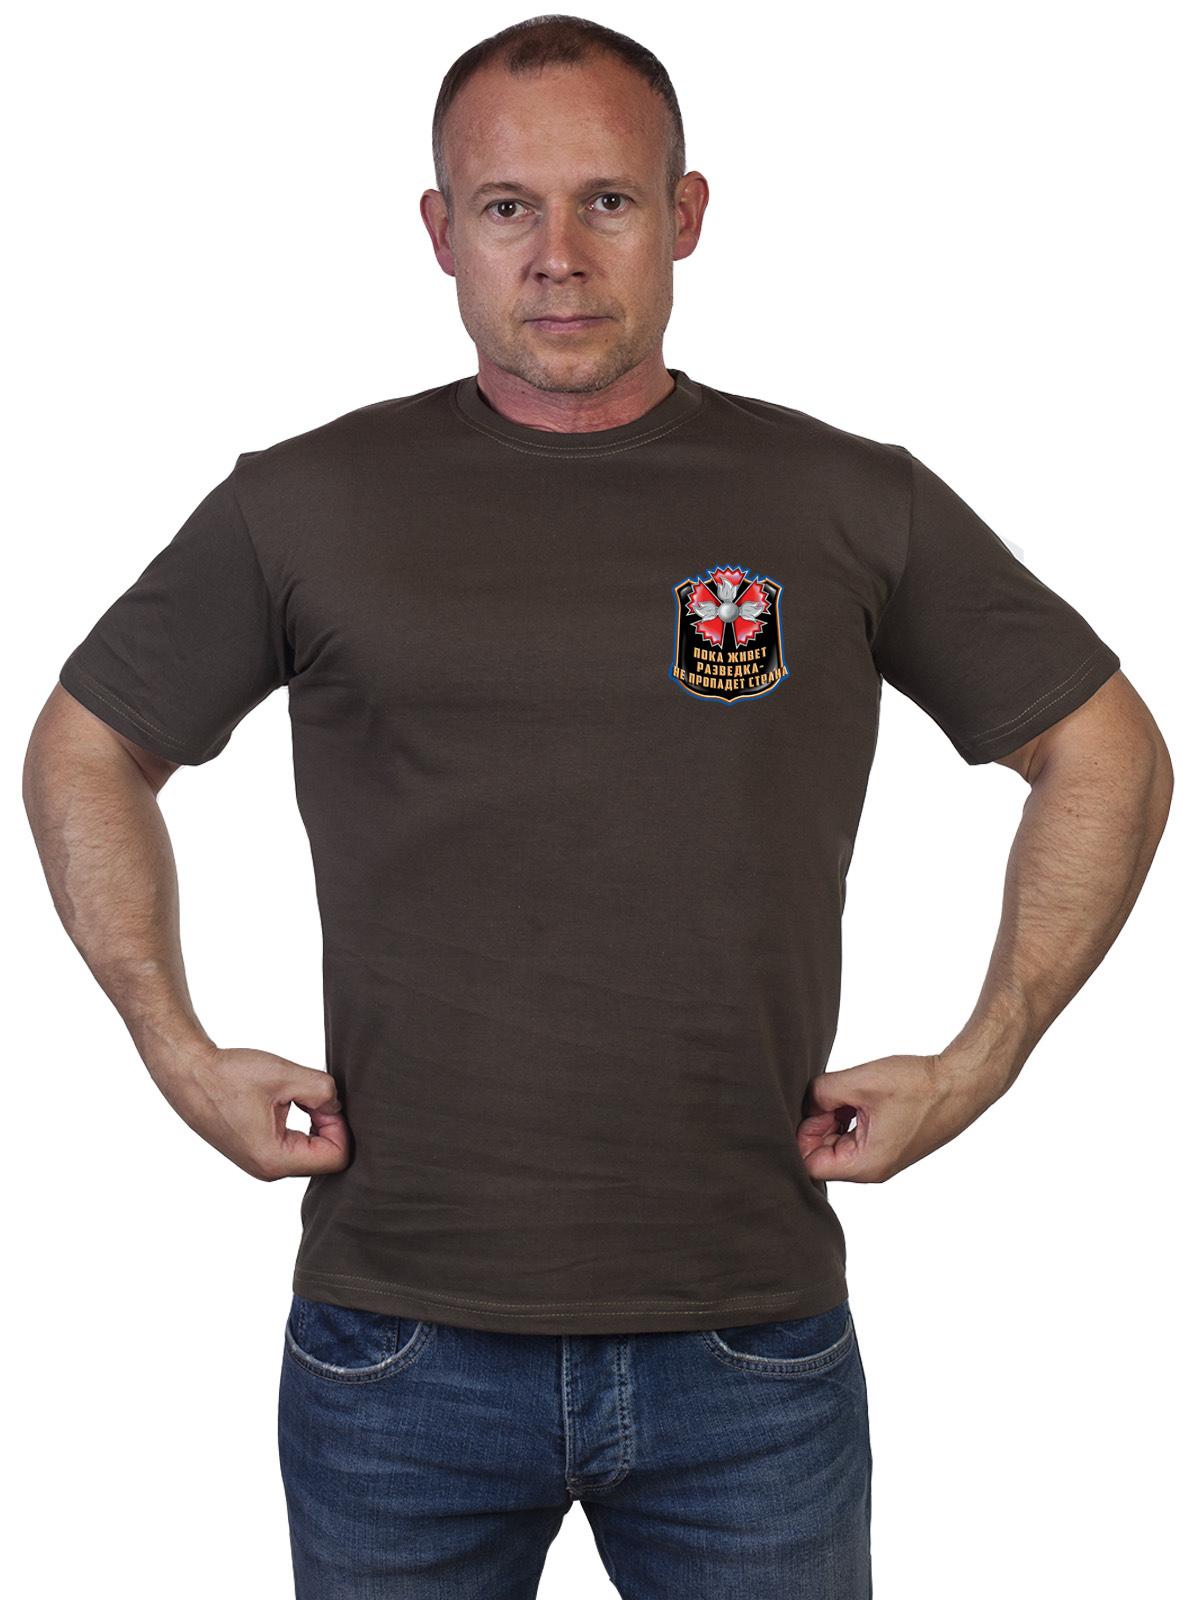 Купить в интернете футболку разведчика